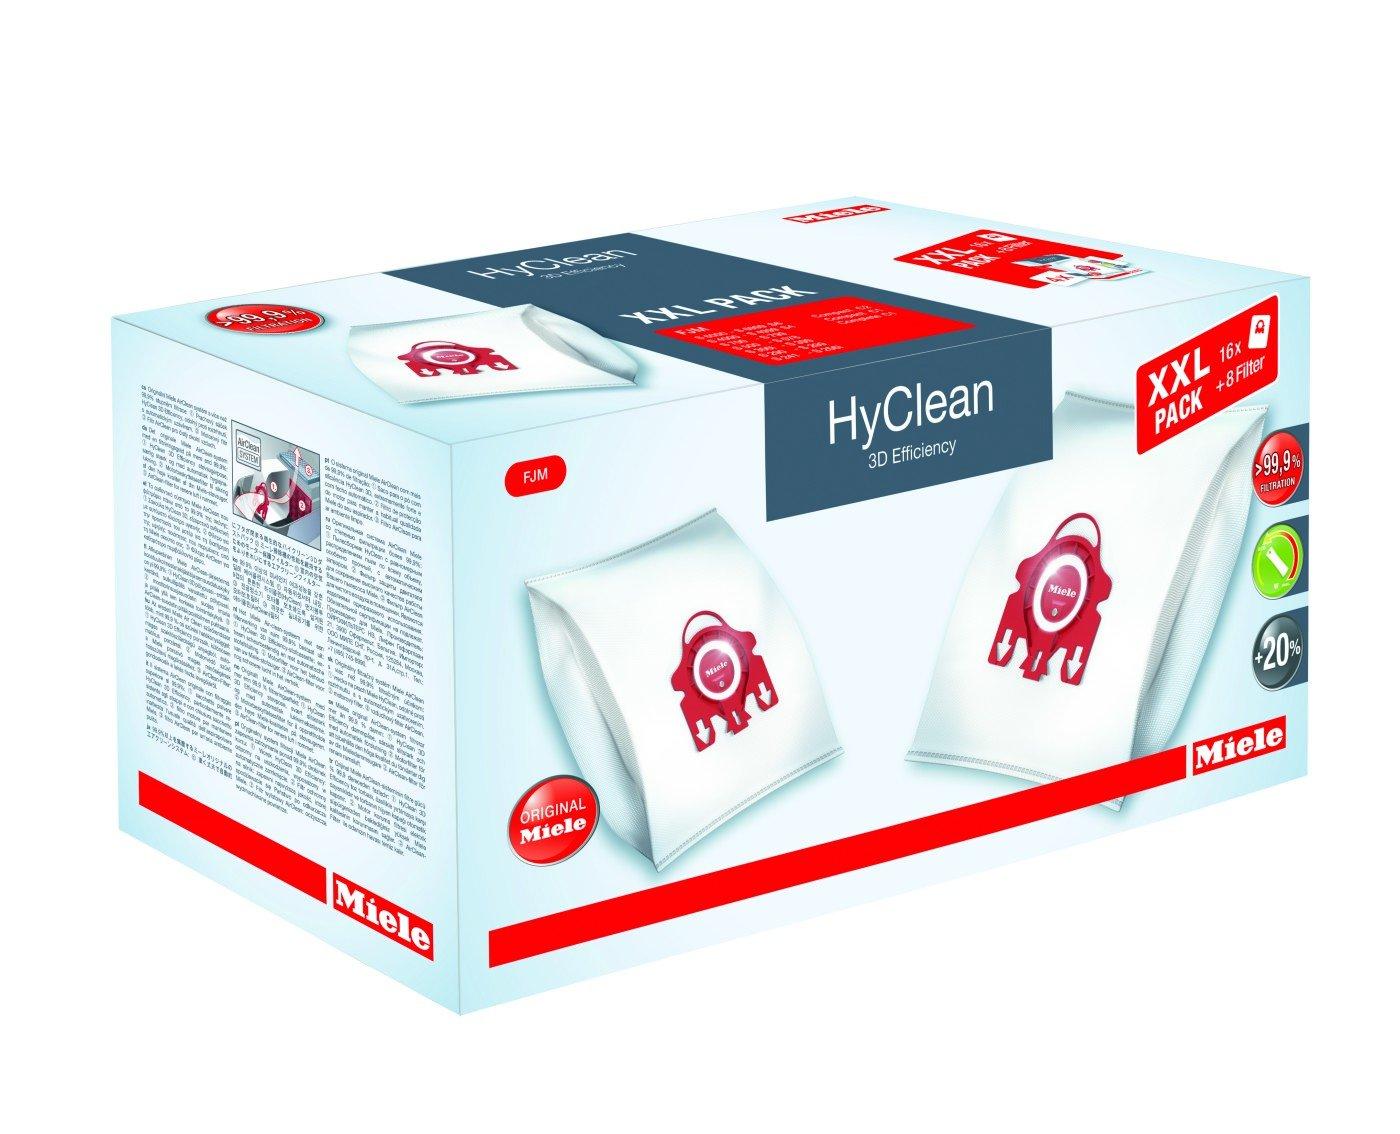 Acquisto Miele XXL-Pack FJM HyClean 3D Sacchetto per Aspirapolvere Prezzo offerta